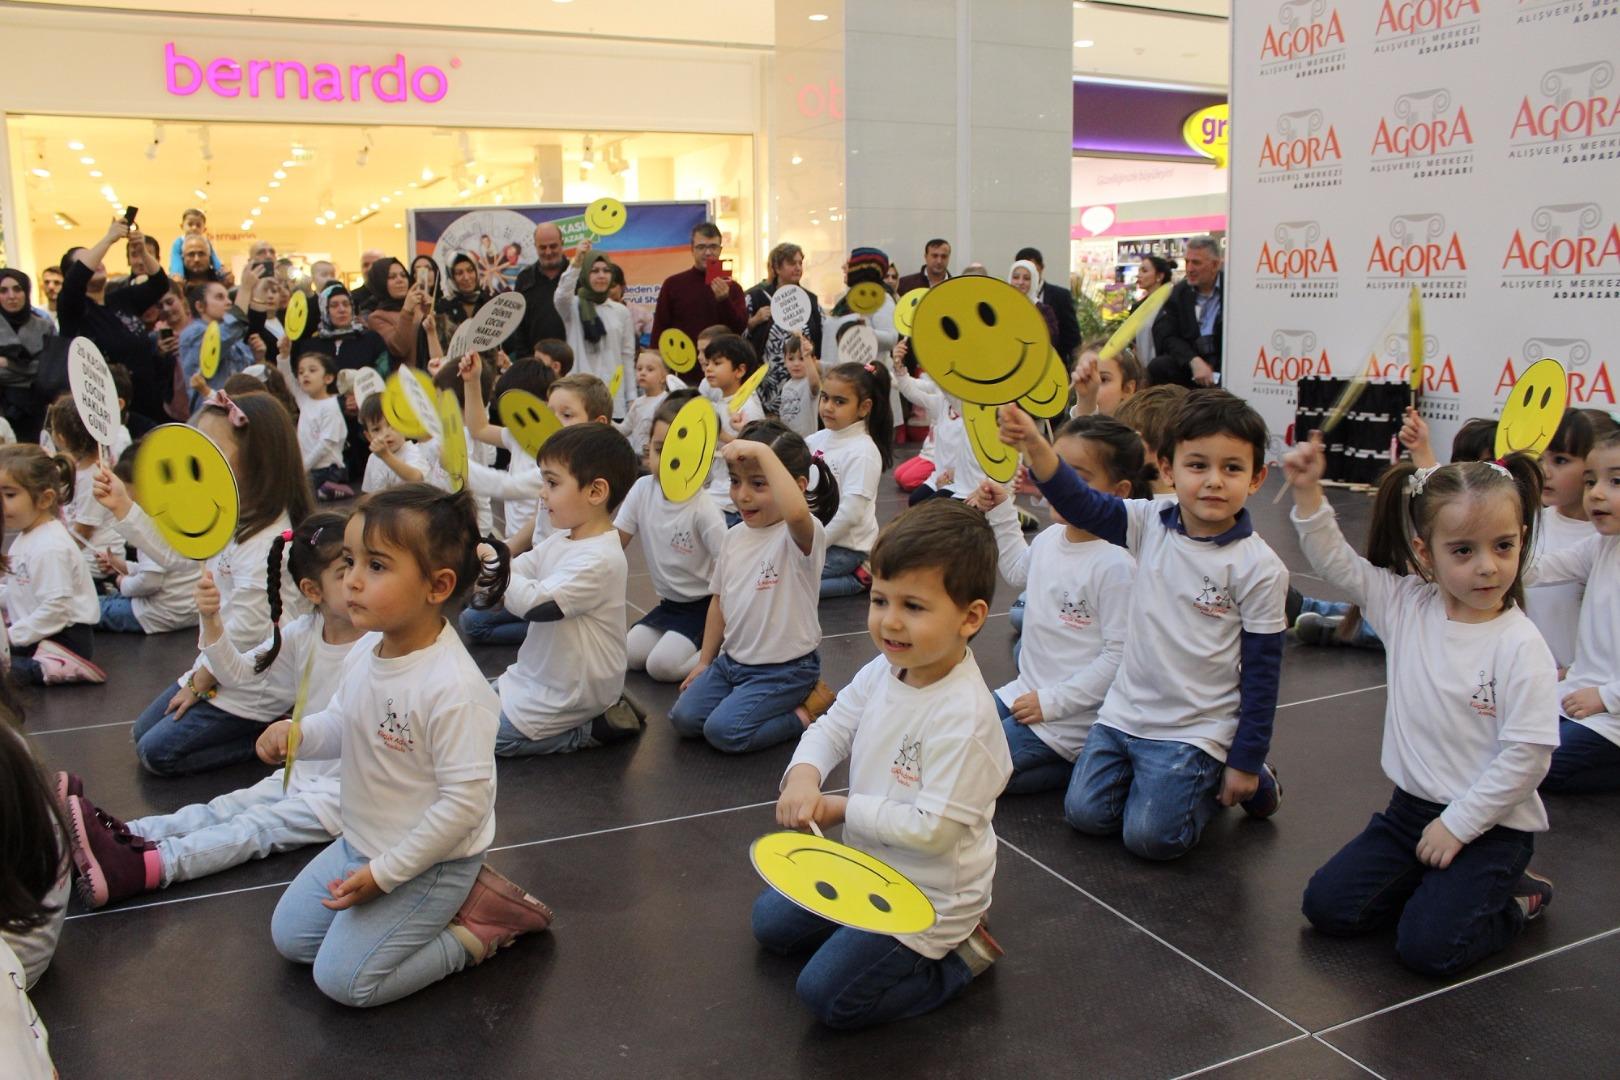 Dünya Çocuk Hakları Günü Agora'da kutlandı